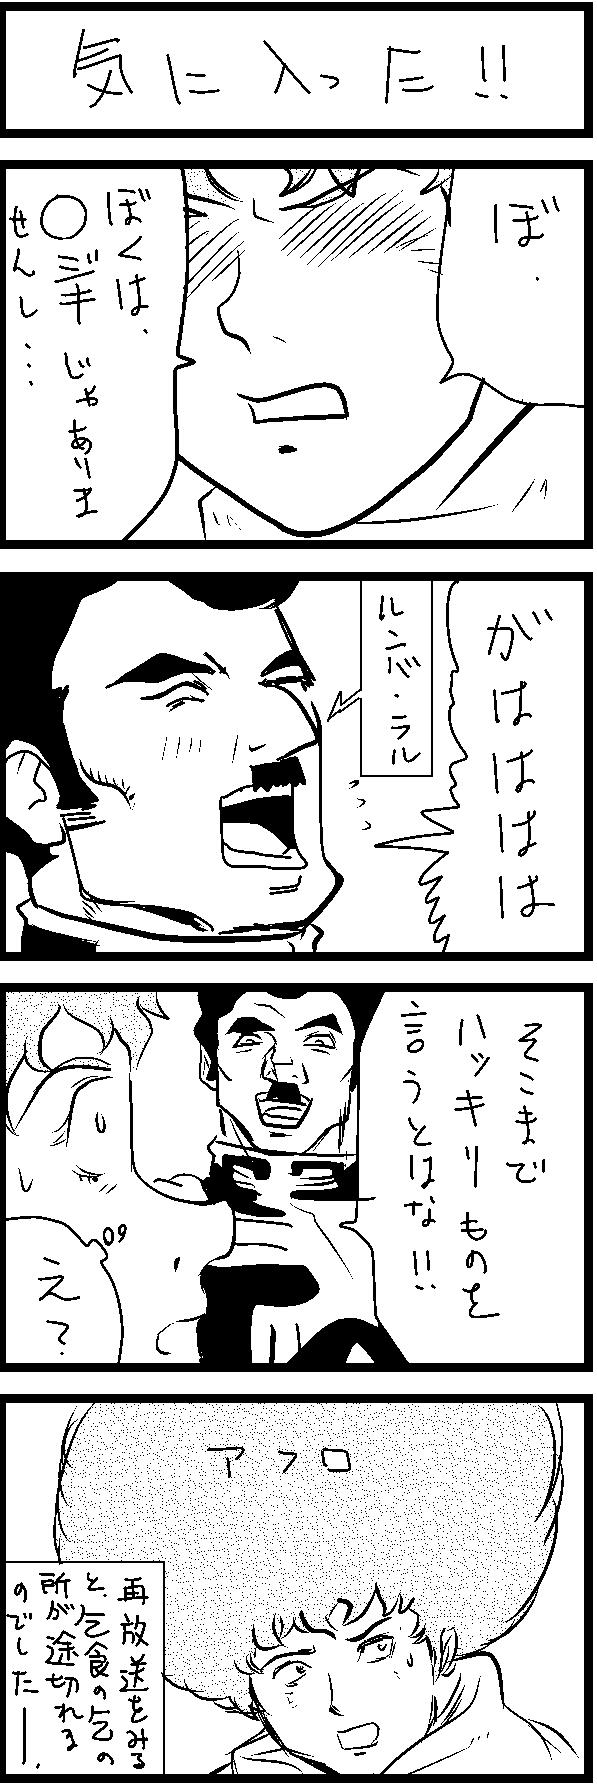 ガンダーム11.png